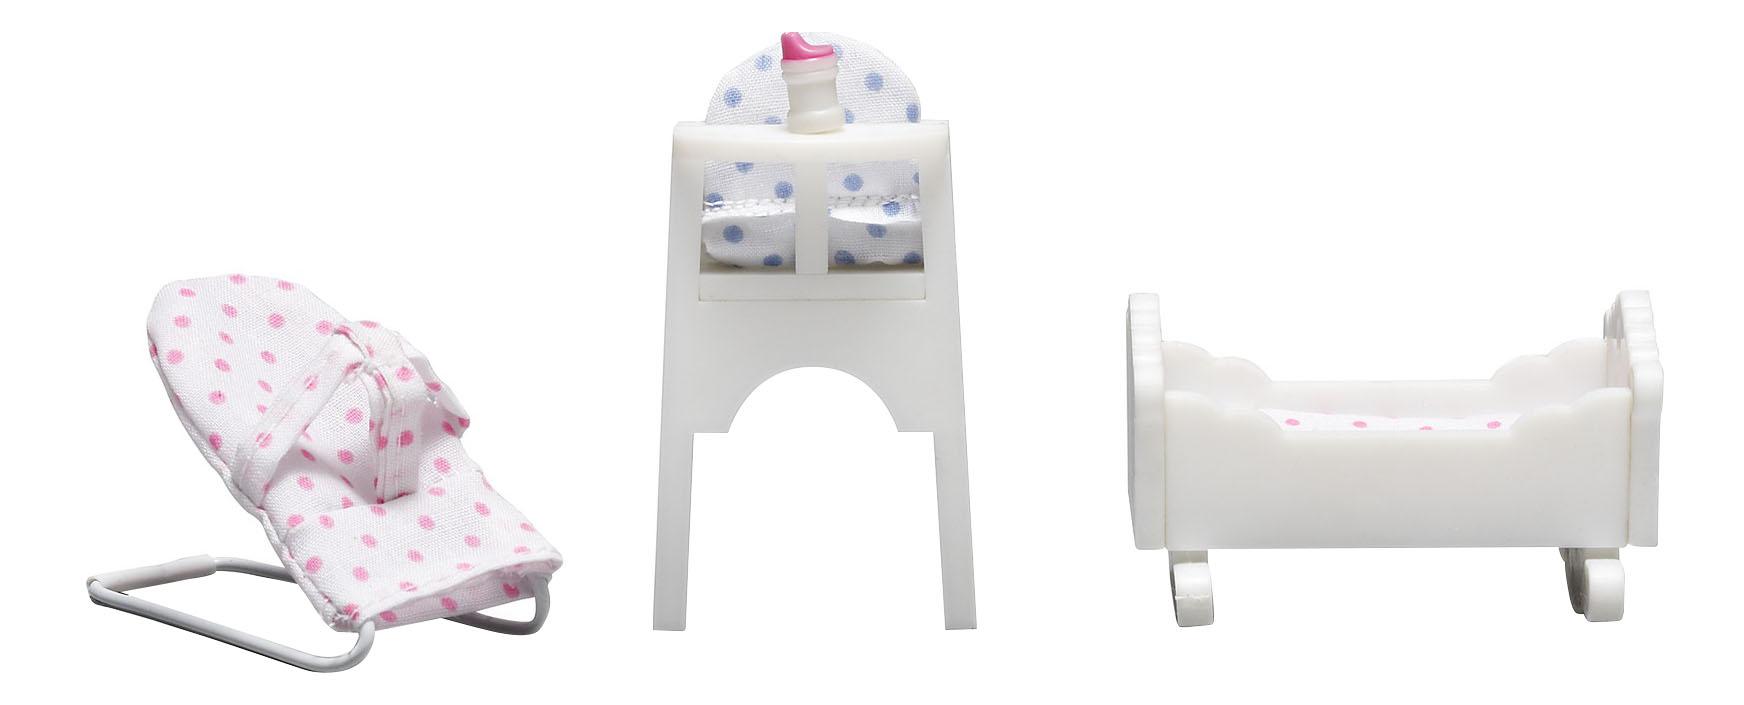 Купить Детская для малыша LB_60208600 для домиков Lundby, Аксессуары для кукол